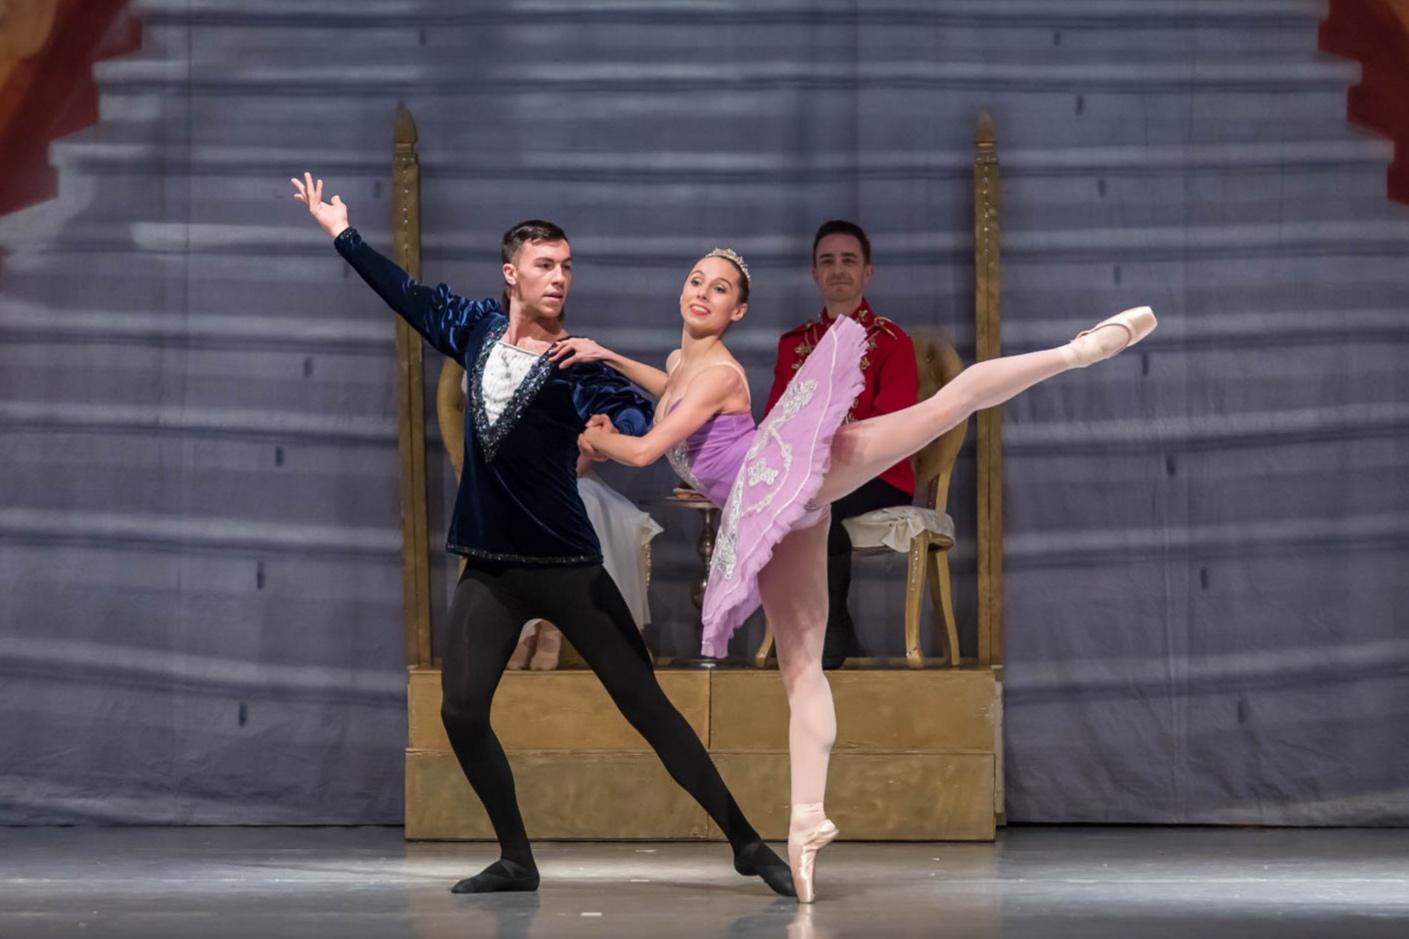 Nutcracker+Ballet+Emily+Brunner+Photography-25.jpg